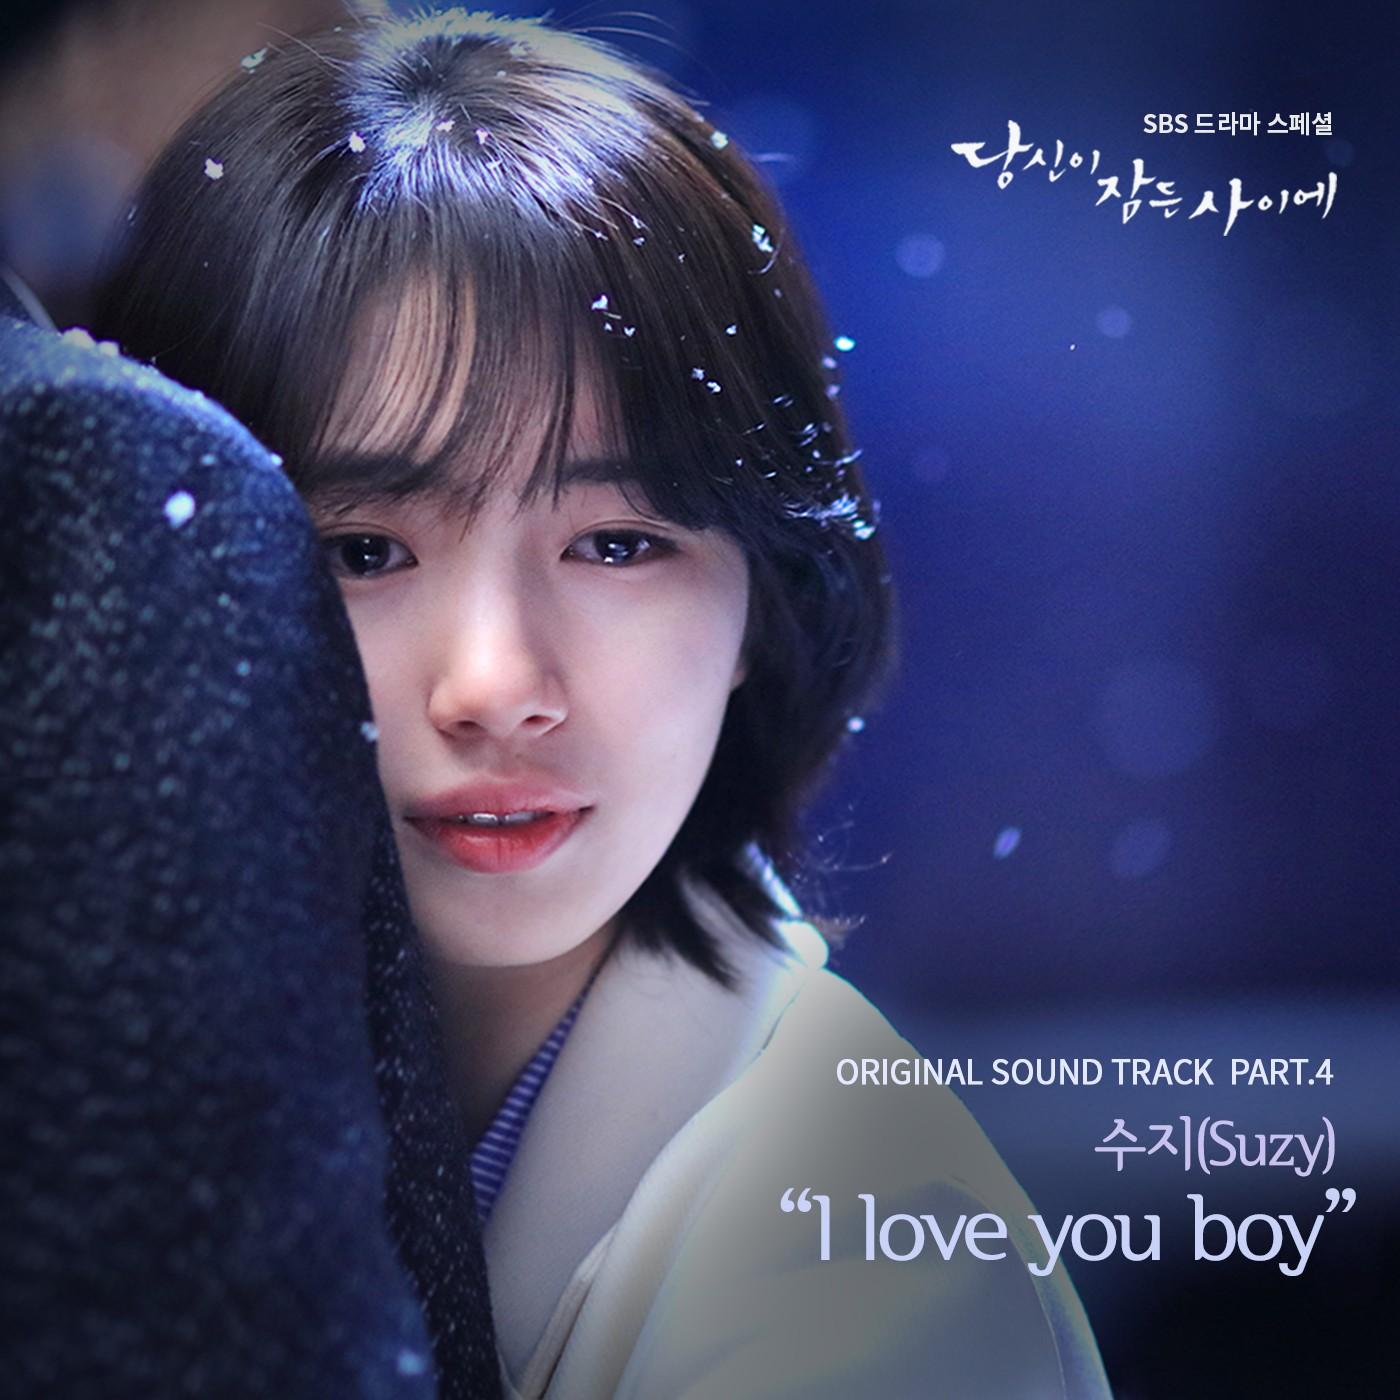 <당신이 잠든 사이에> 수지, OST 'I love you boy' 음원 공개! 팬미팅 이벤트 '눈길'